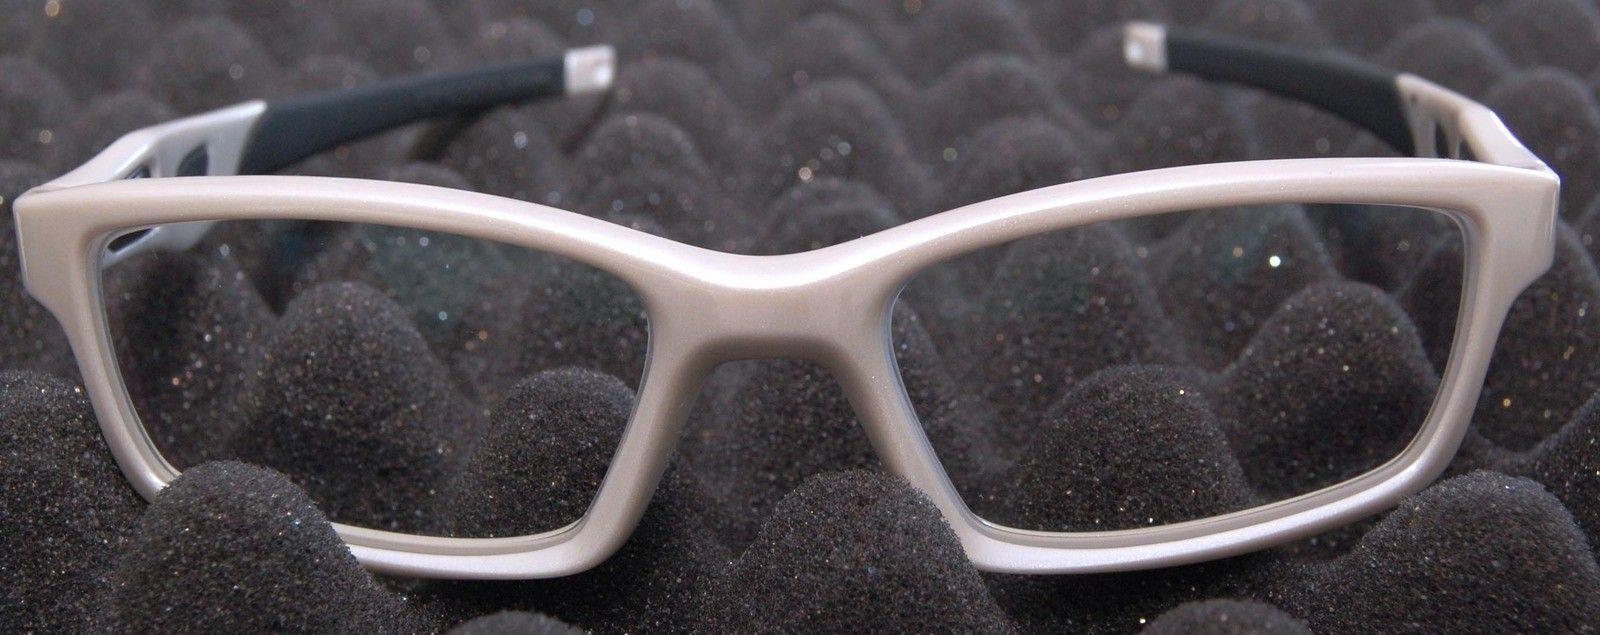 Oakley Crosslink OX8027-0453 Pearl White / Grey Rx Prescription - 05.jpg